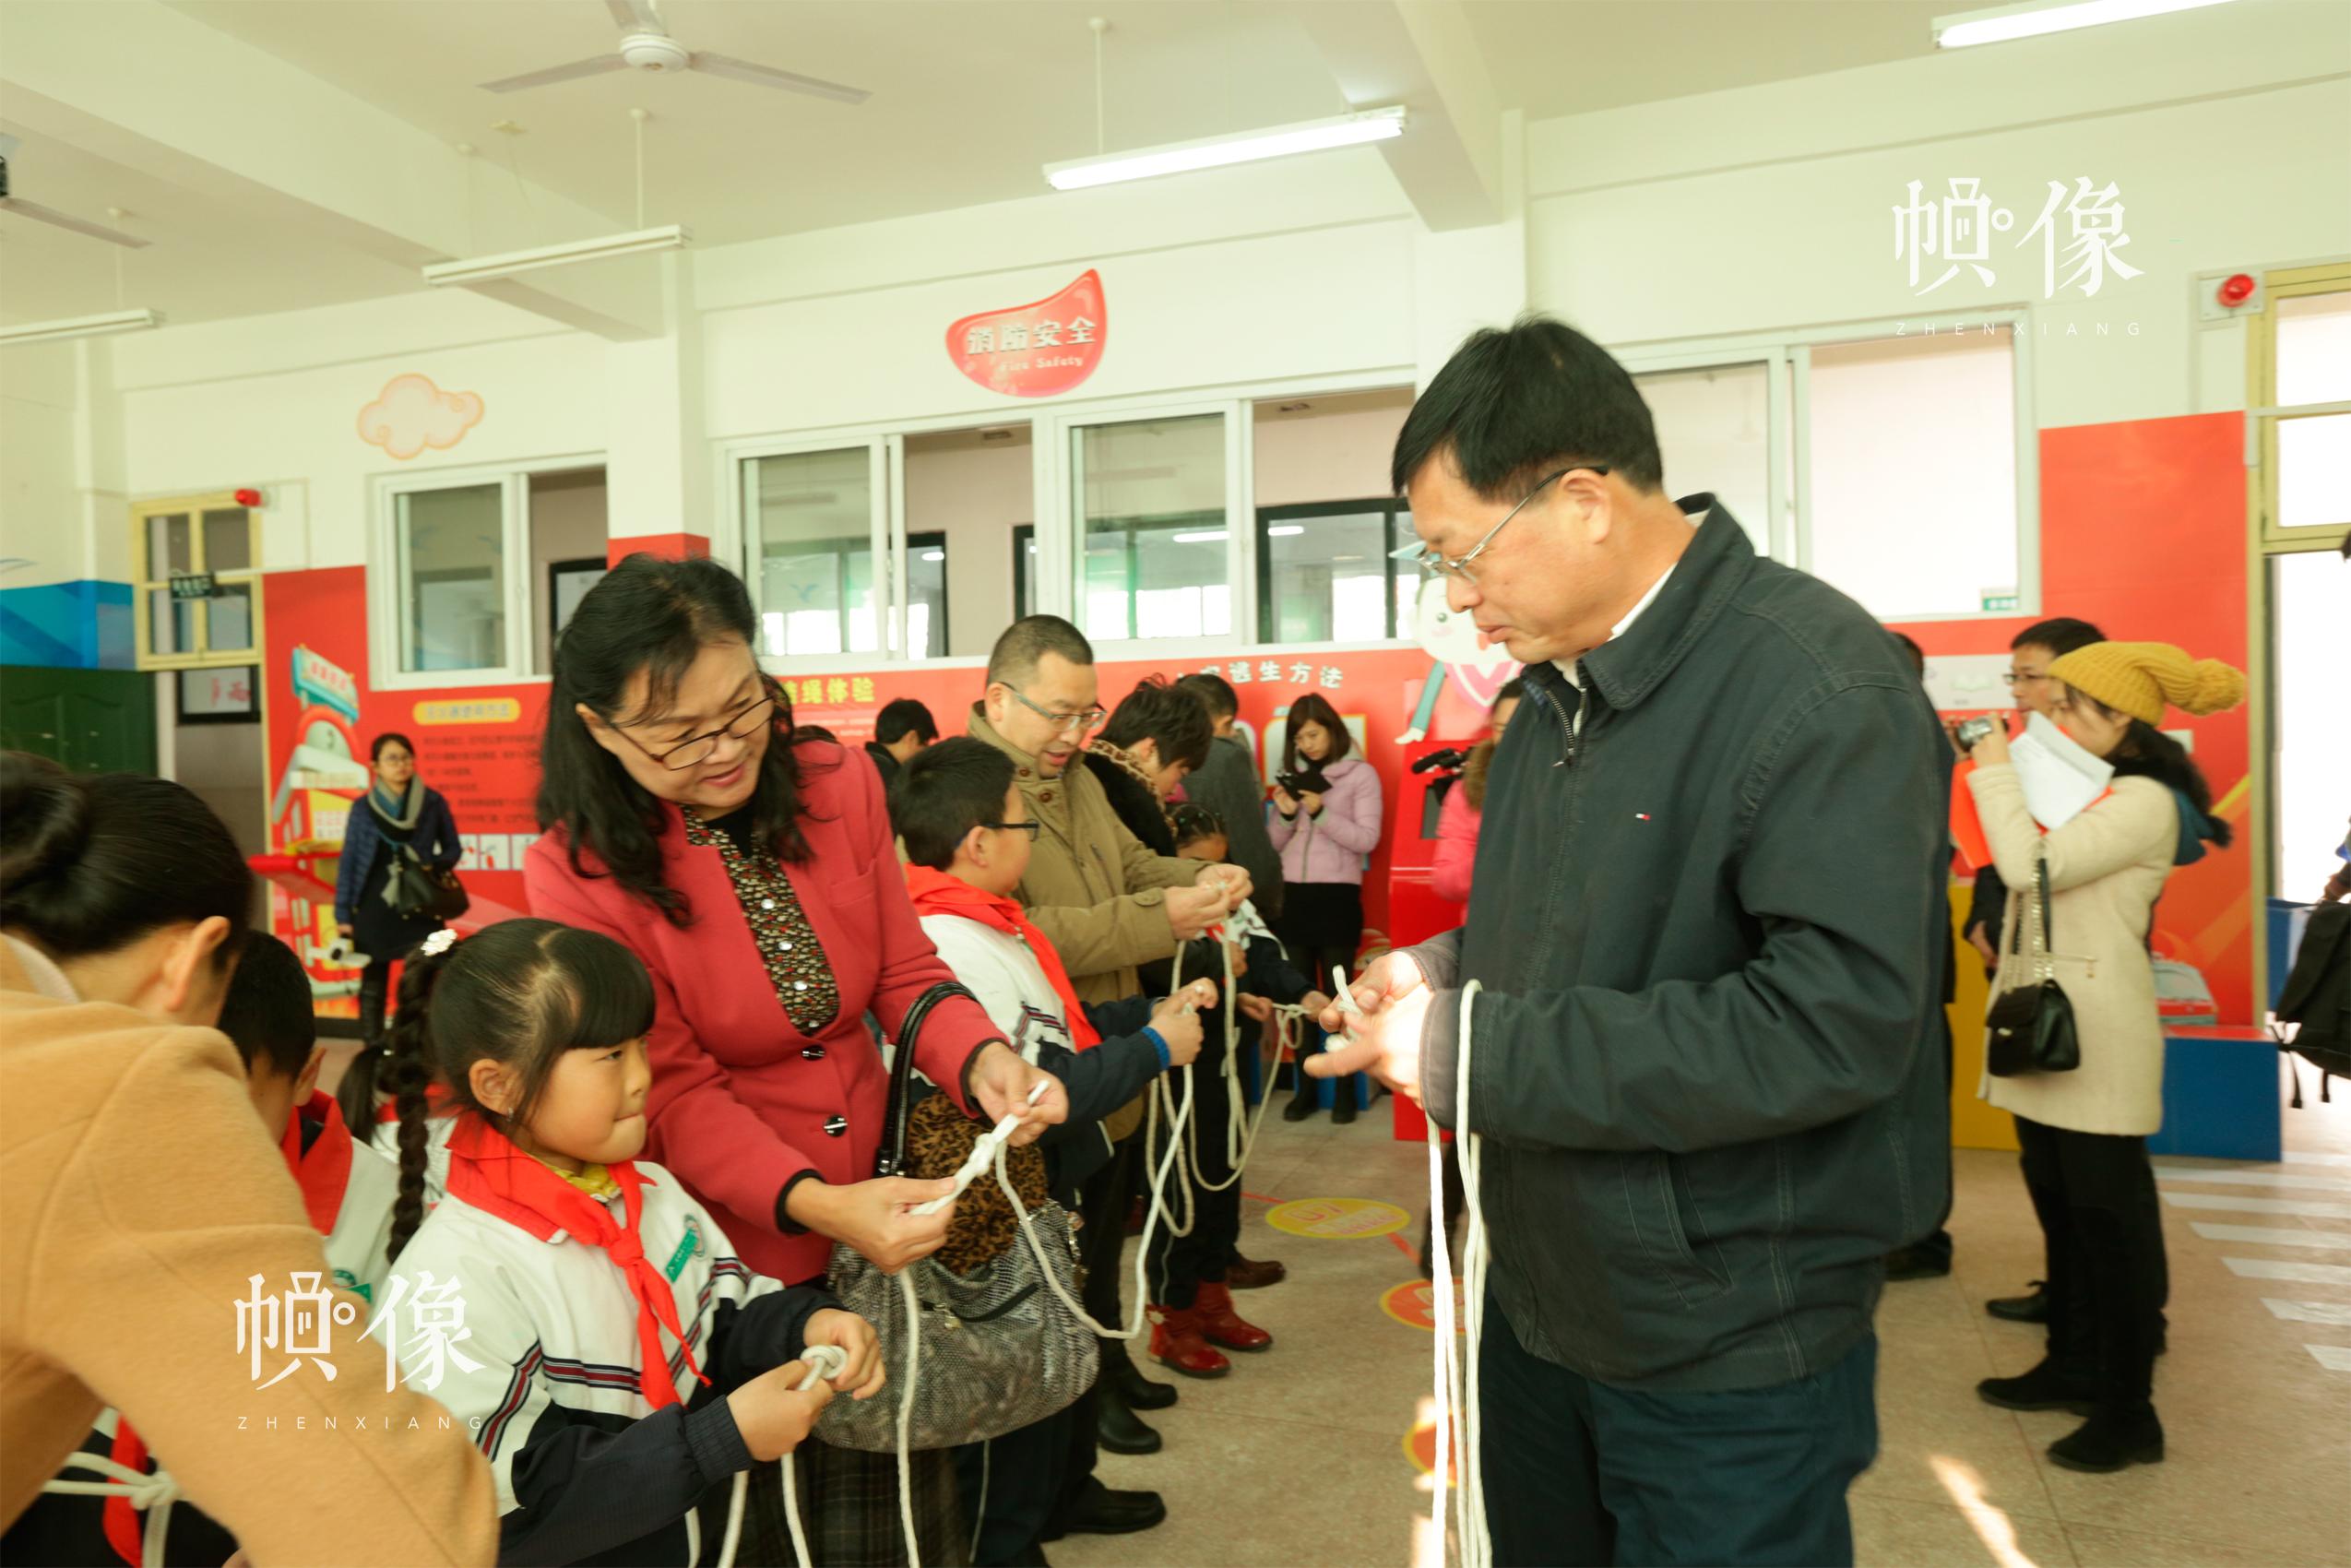 安全教育落地浙江,公安部消防局宣传处前处长罗秀华大校(左3)参与安全课堂互动。中国儿童少年基金会供图